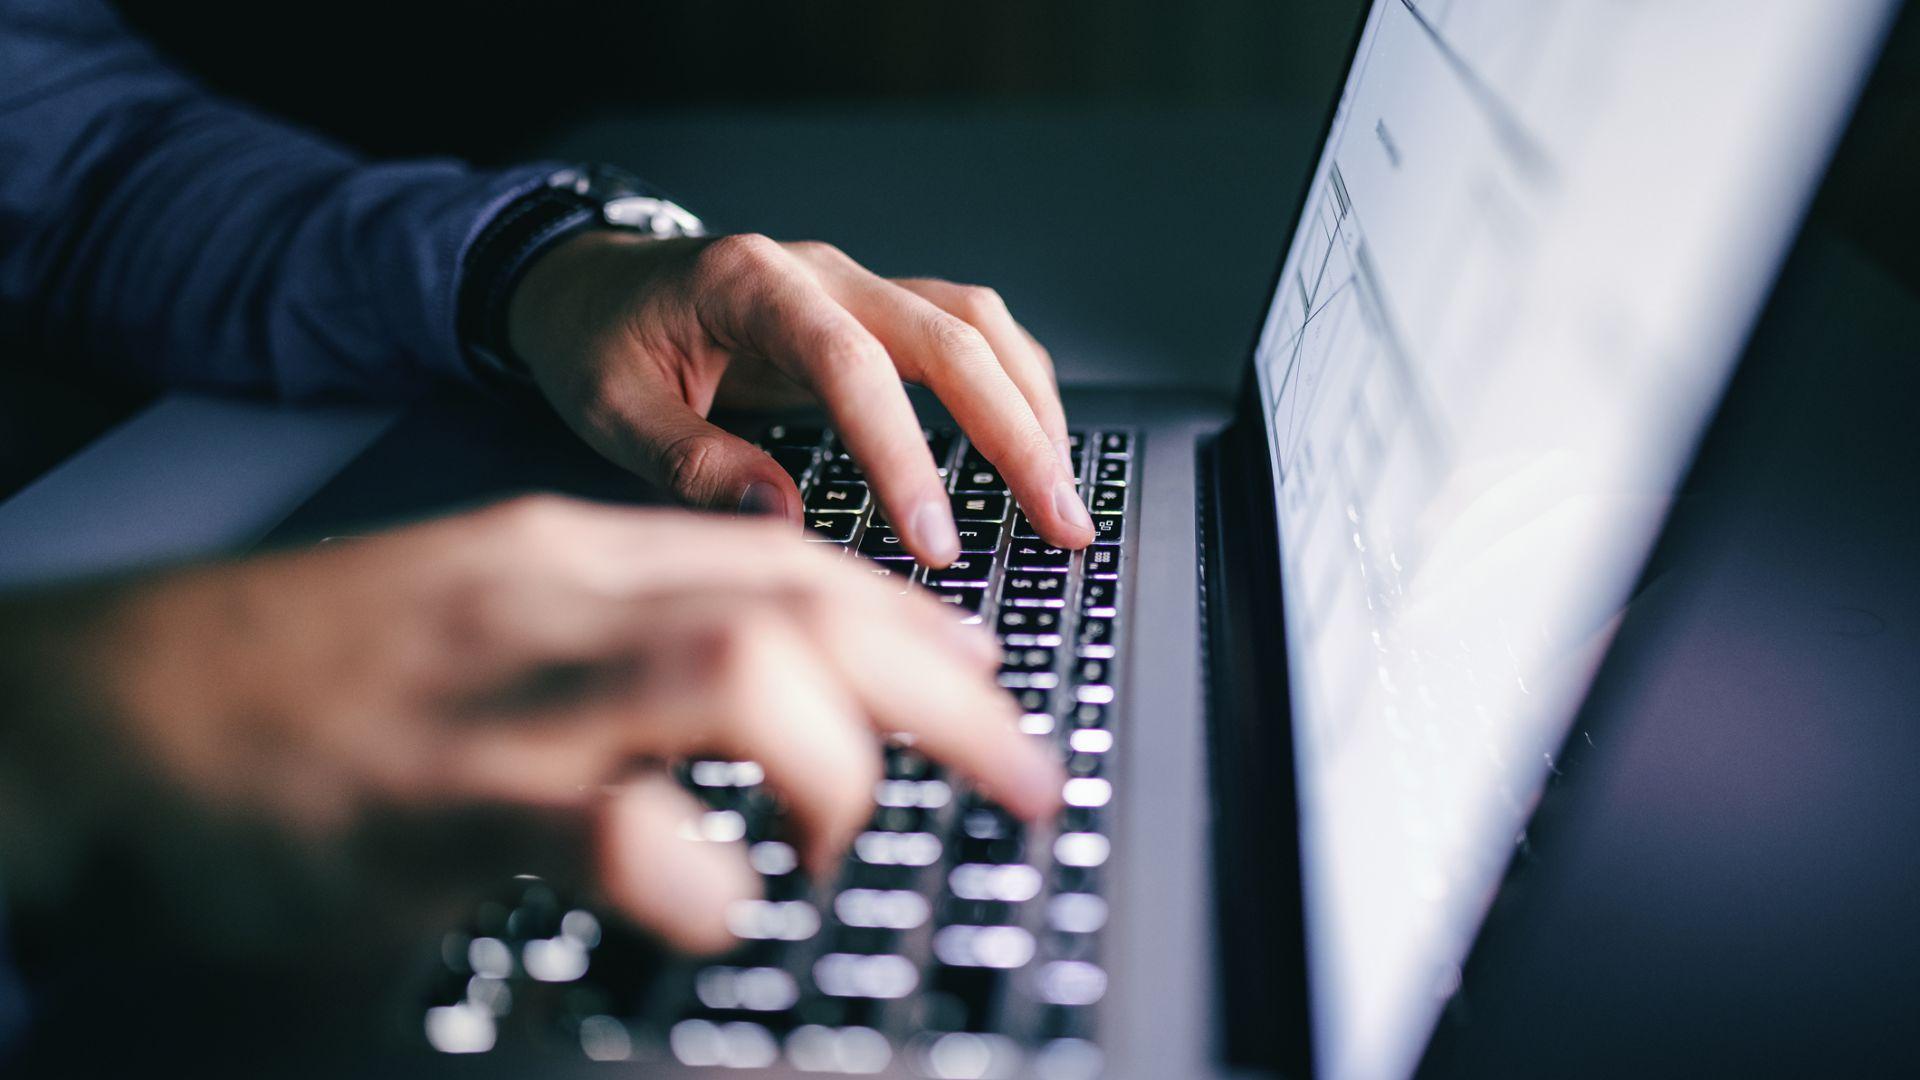 Как да пестим време с клавишните комбинации на компютъра